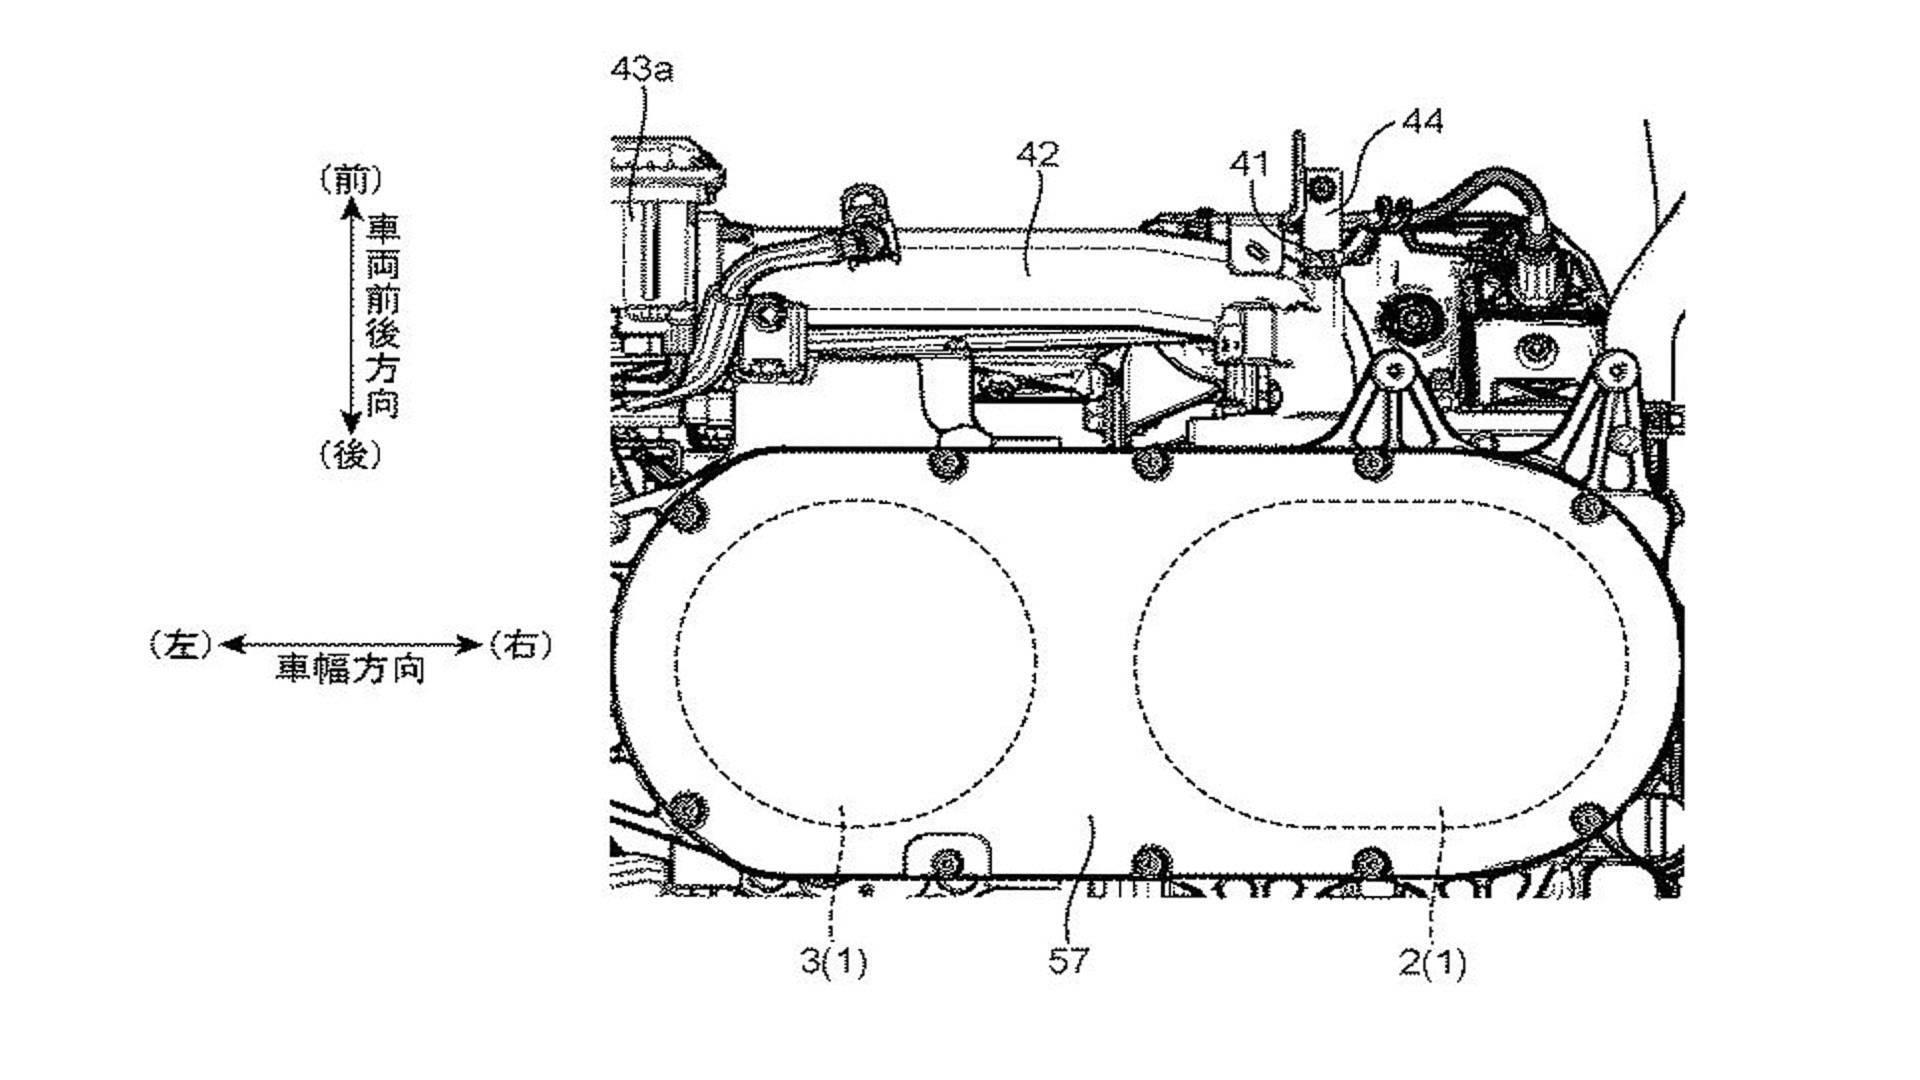 mazda-rotary-engine-patent (12)